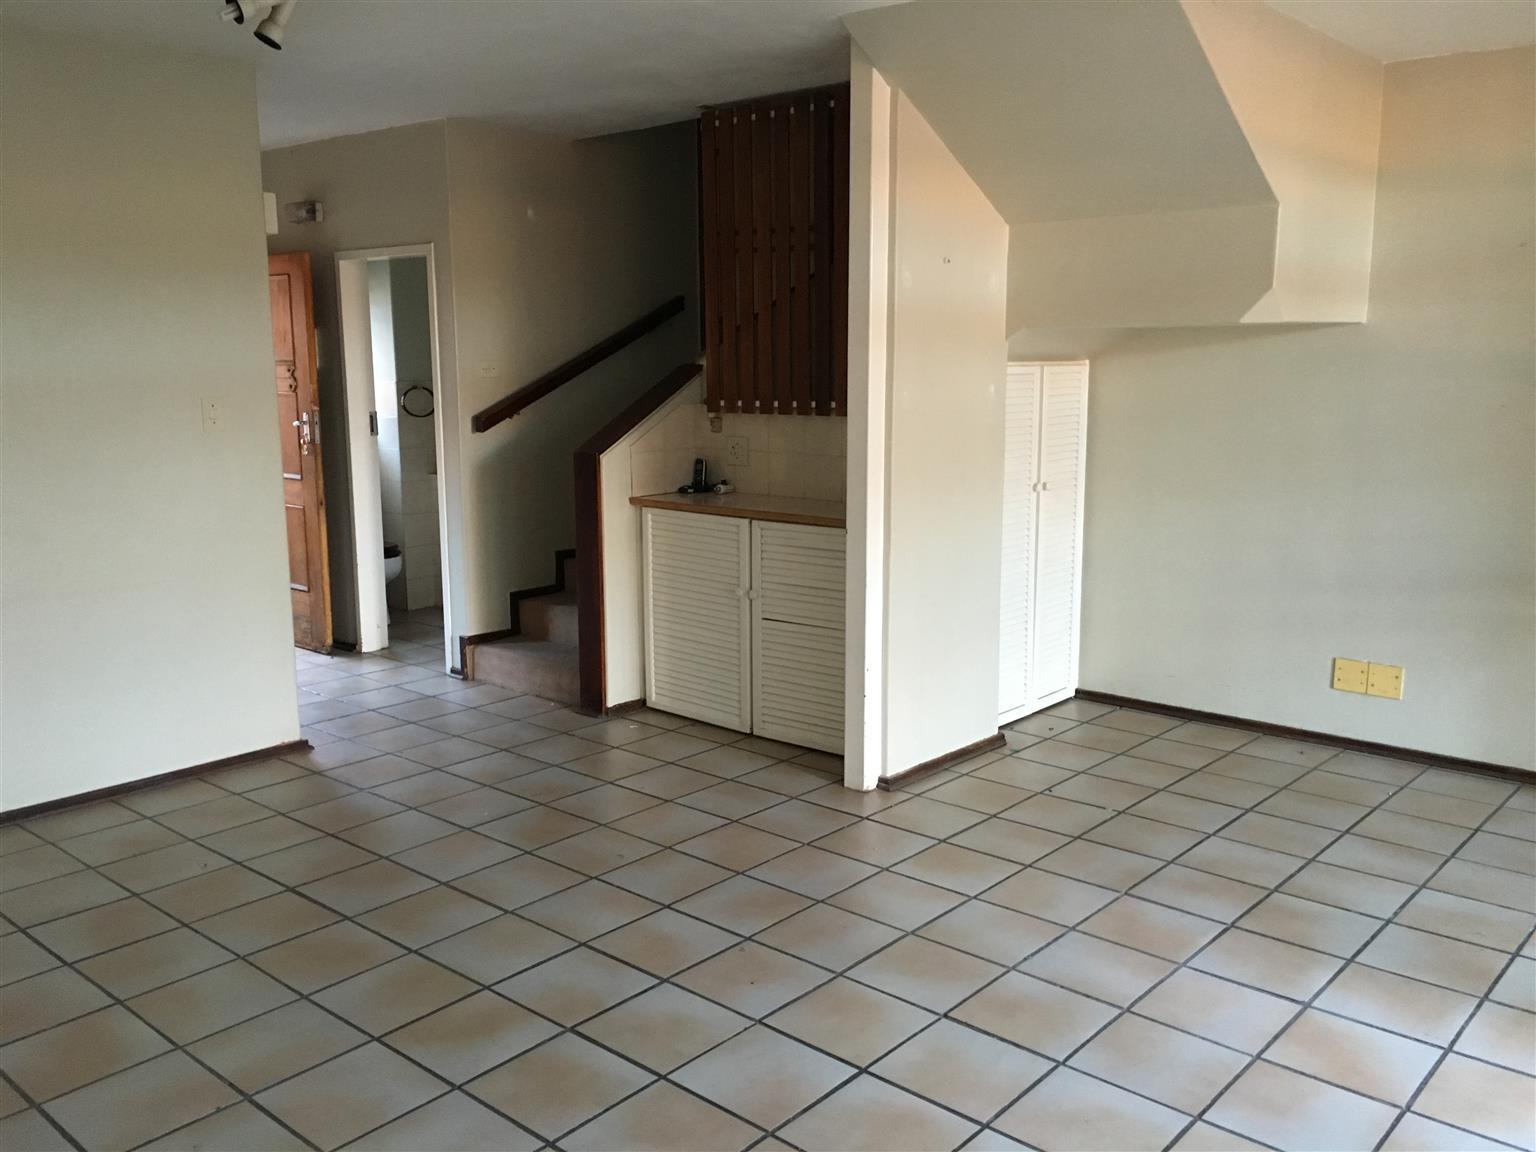 3 Bedroom Townhouse in Constantiapark for rent